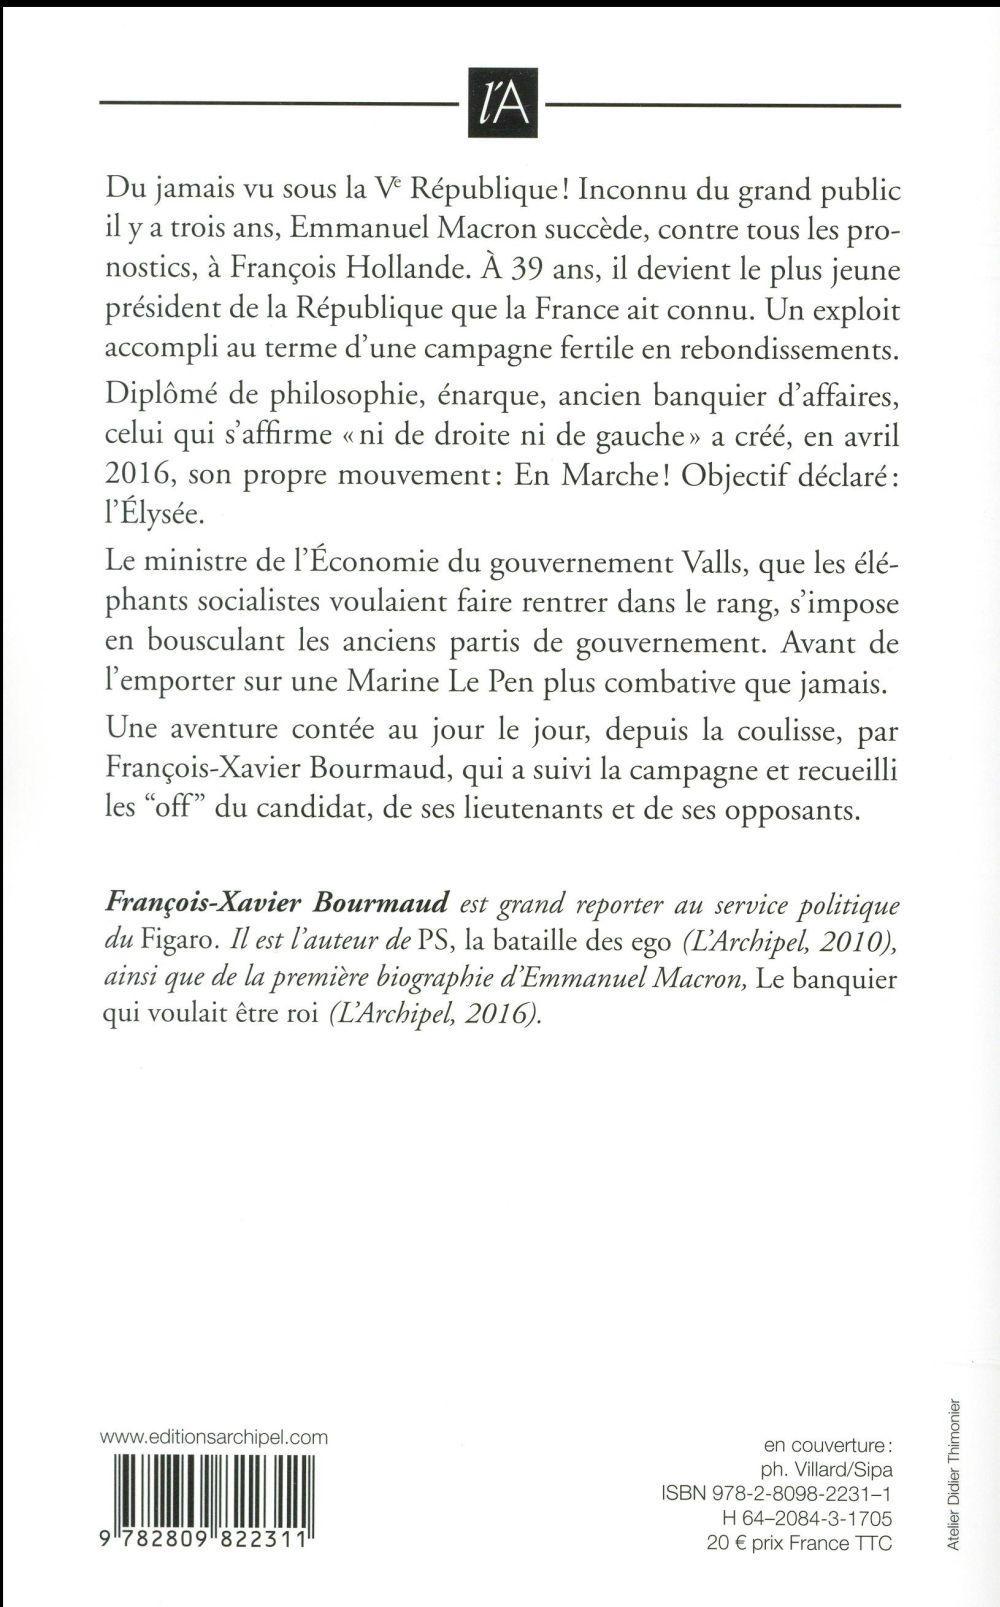 Emmanuel Macron Les Coulisses D Une Victoire Collectif Archipel Grand Format La Librerit Carouge